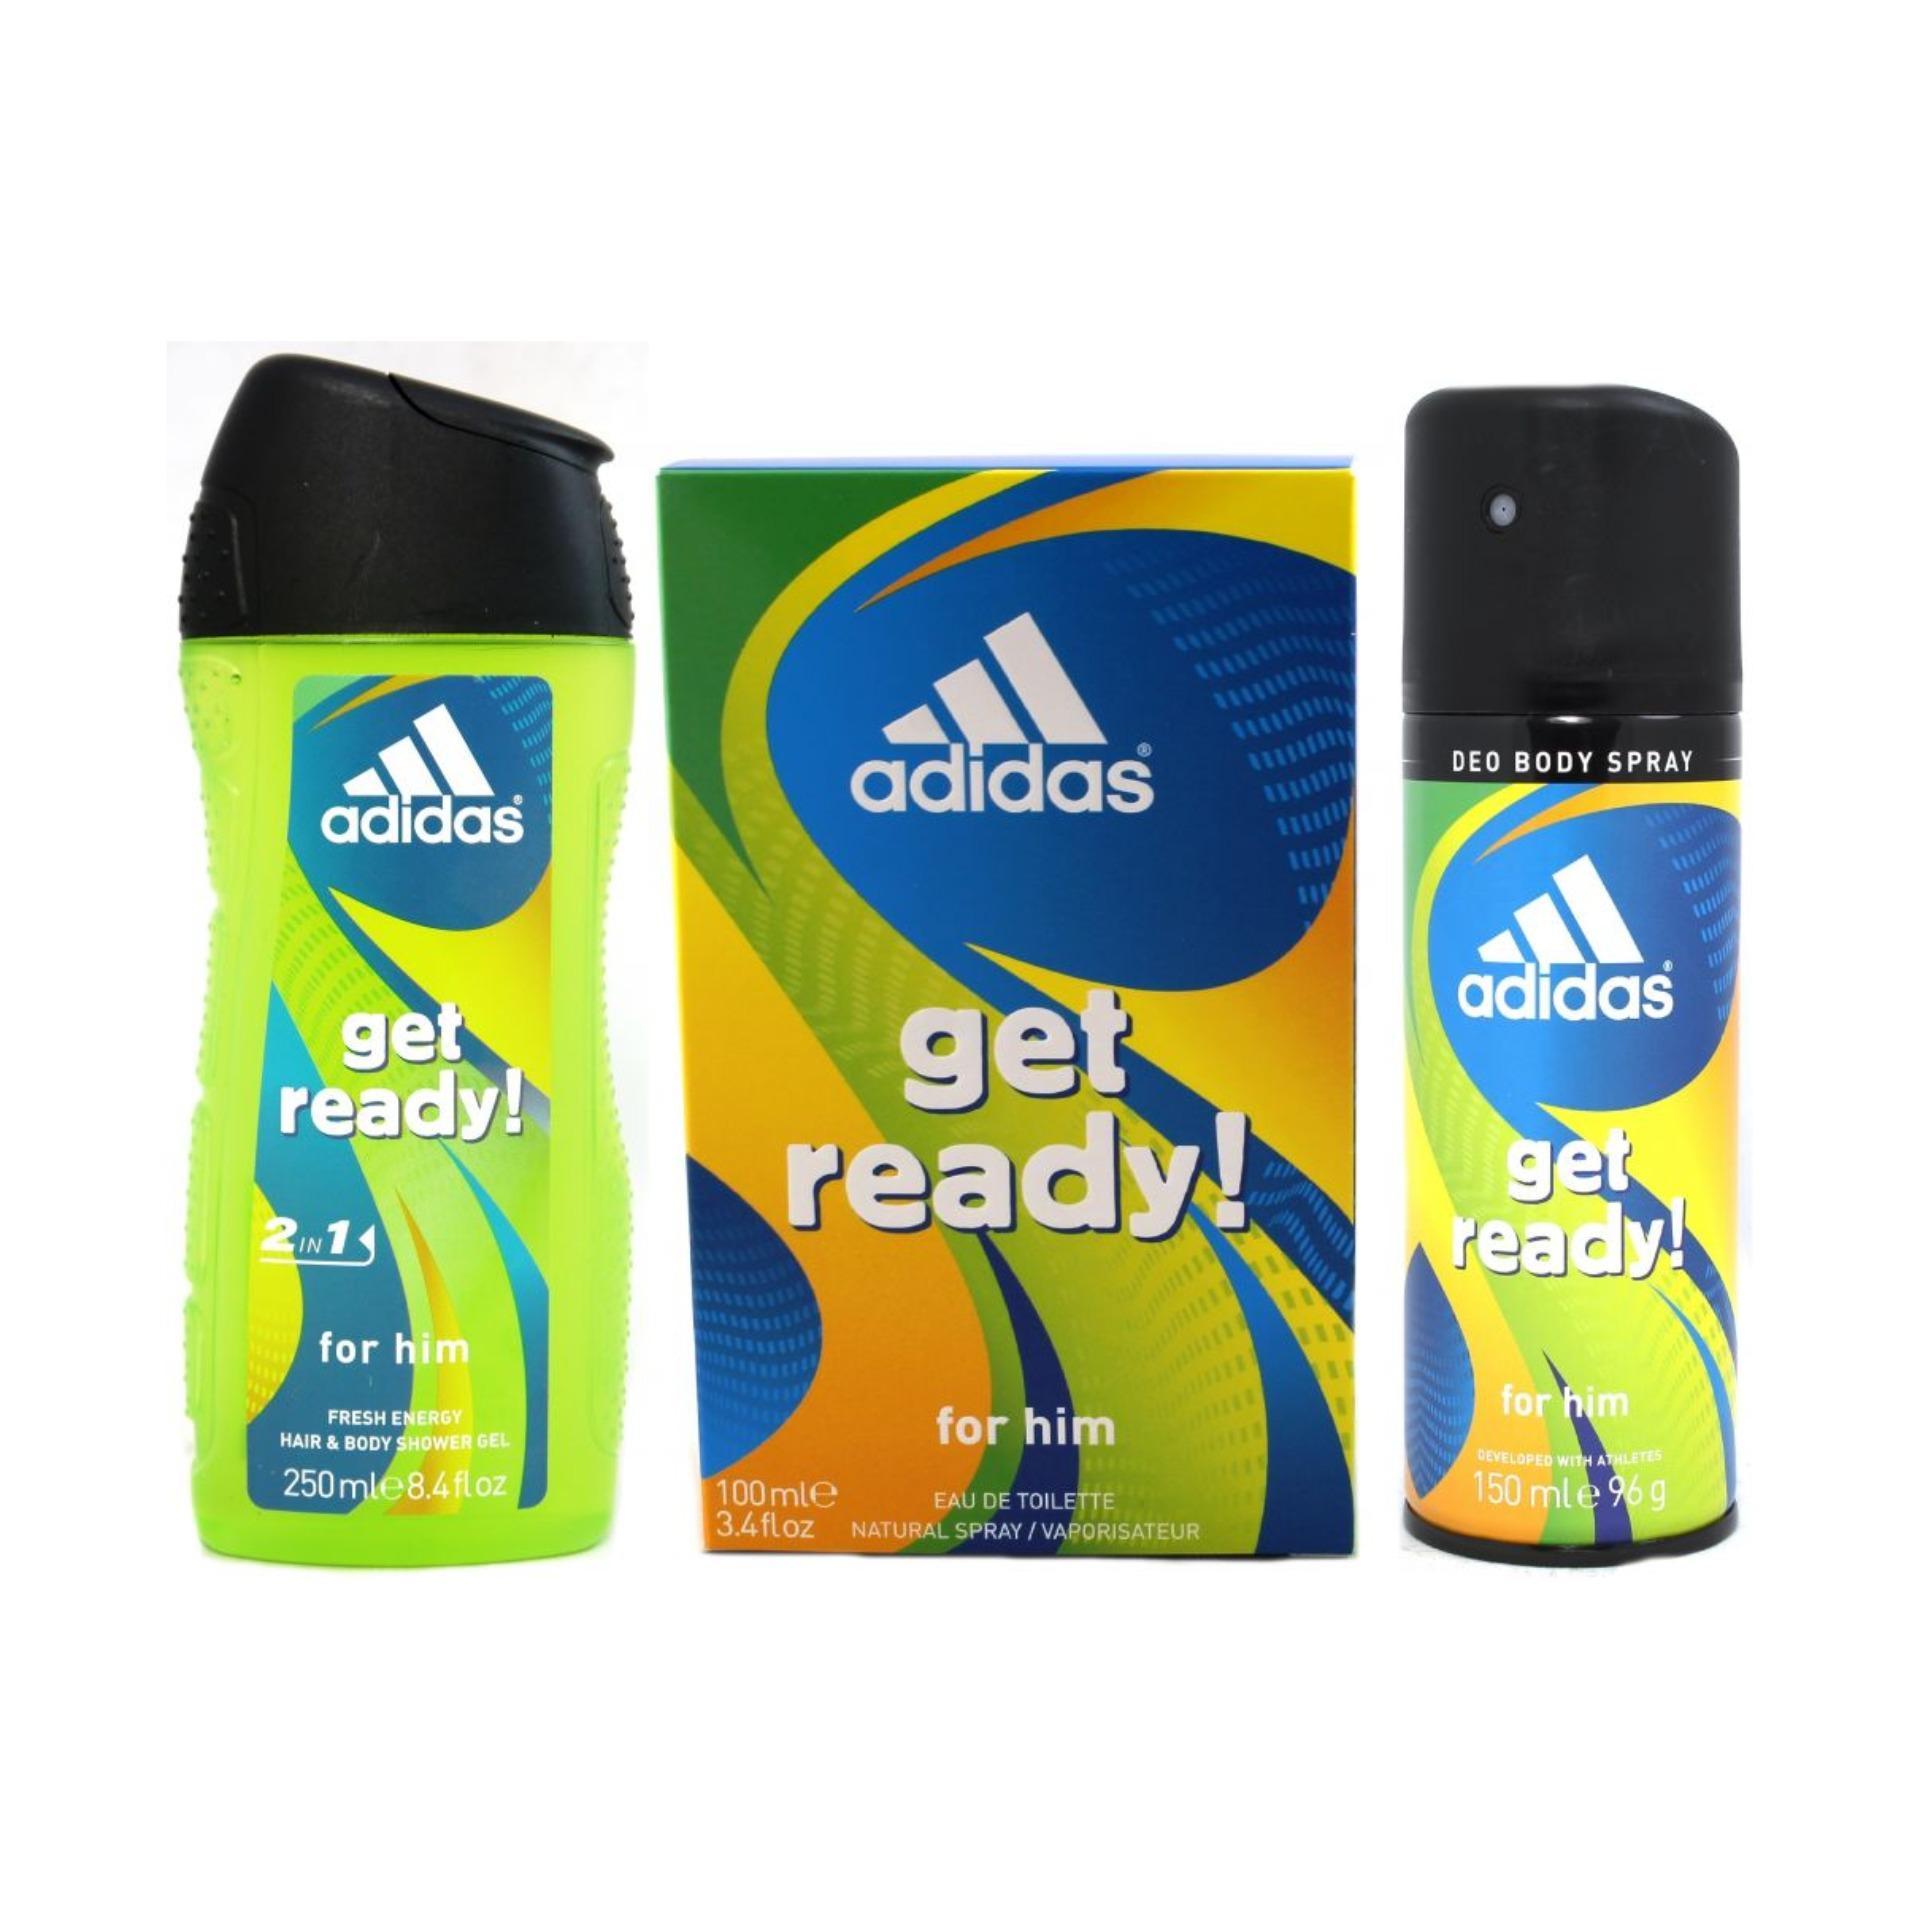 cb43cb94e806 Adidas Get Ready Set (Eau de Toilette 100ml + Deo Spray 150ml + Shower Gel